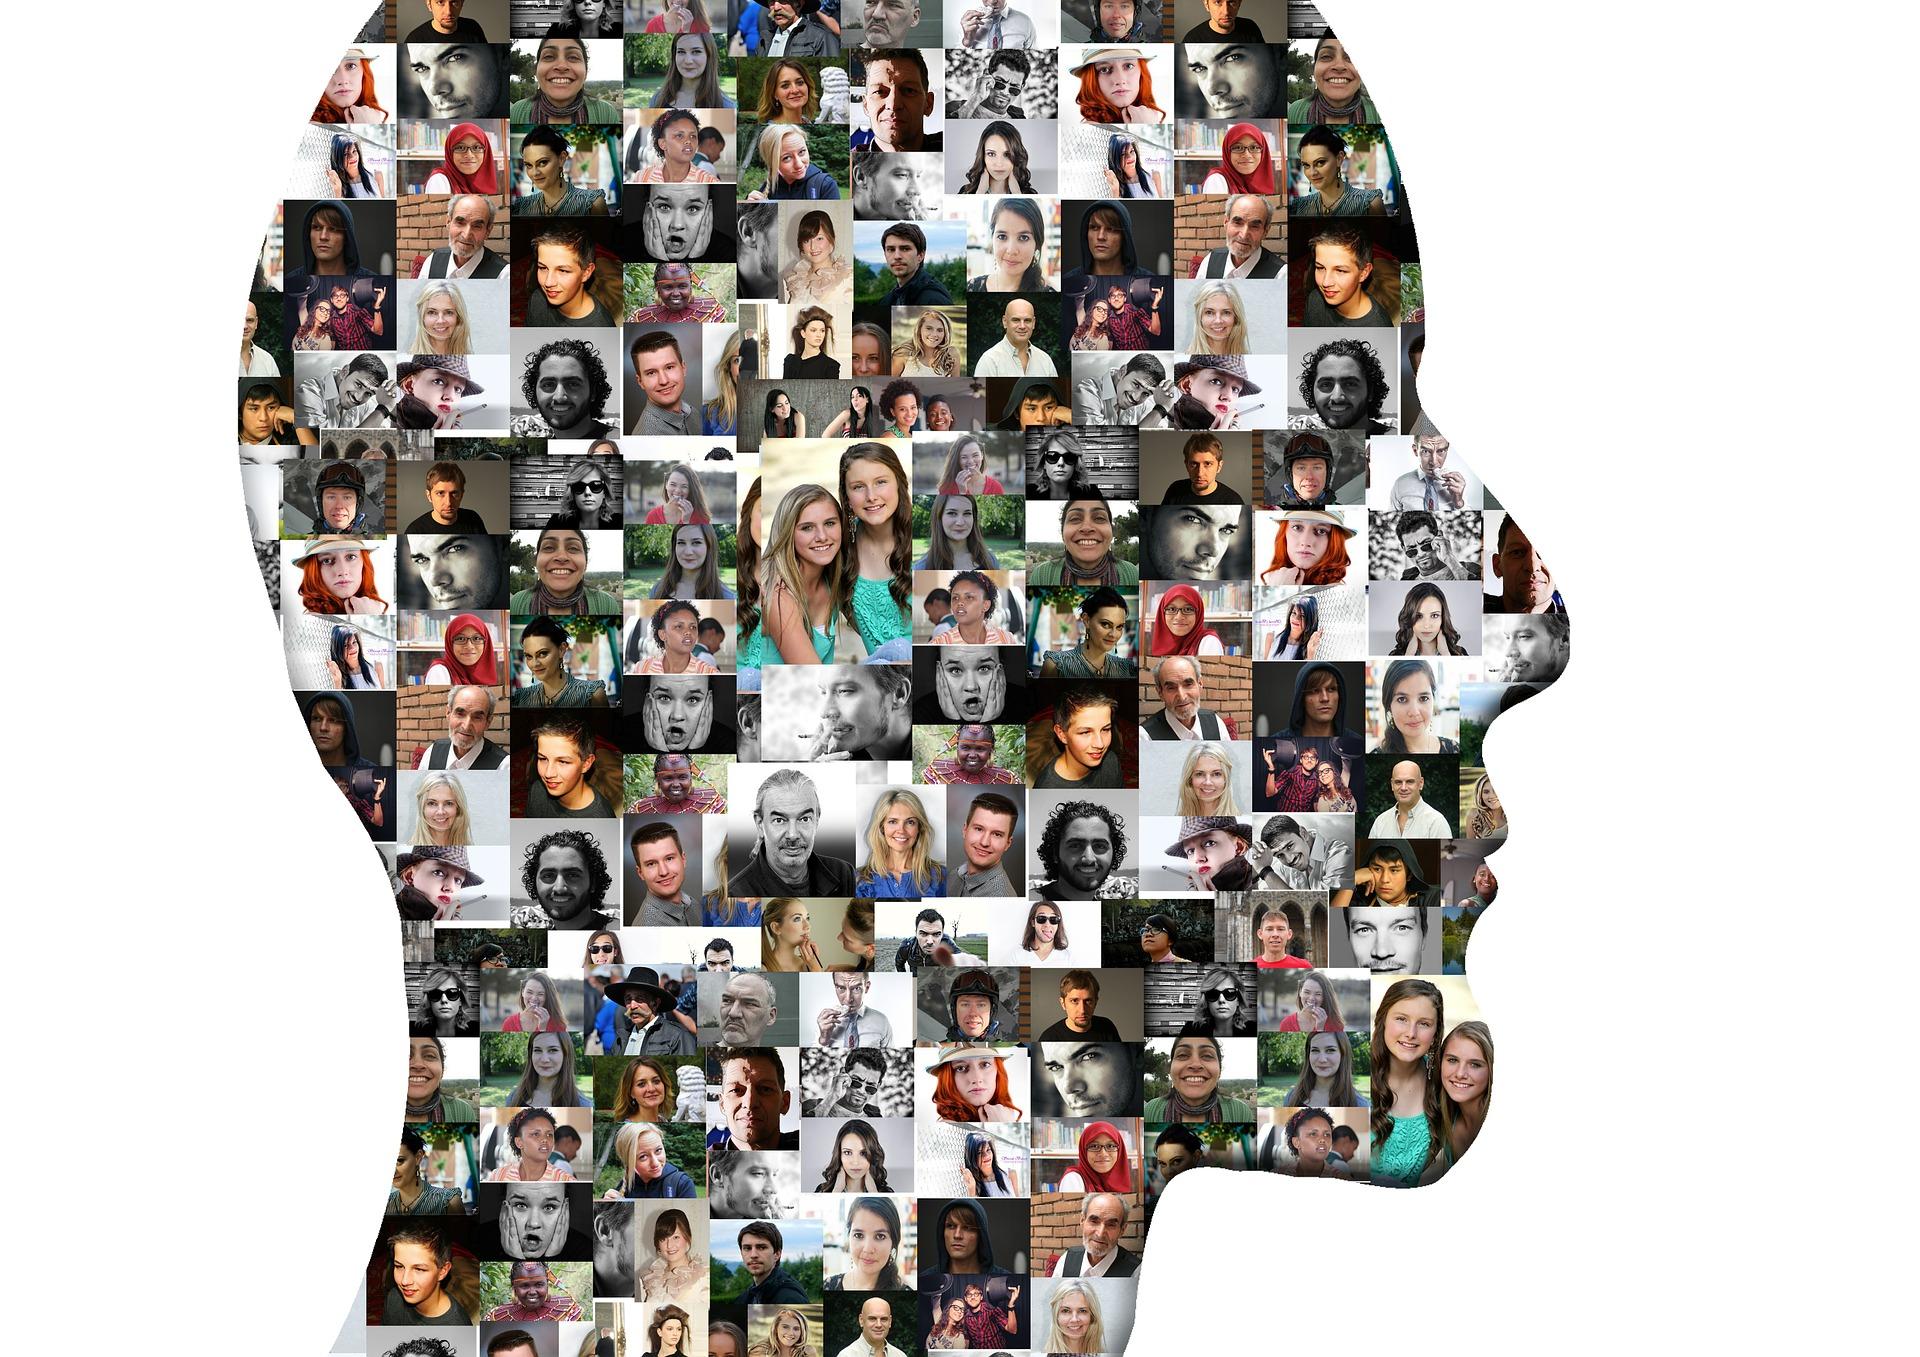 7 Gewohnheiten um mehr Kunden durch Empfehlungen zu gewinnen.https://www.akquise-plus.de/2017/05/16/7-gewohnheiten-um-mehr-kunden-durch-empfehlungen-zu-gewinnen/